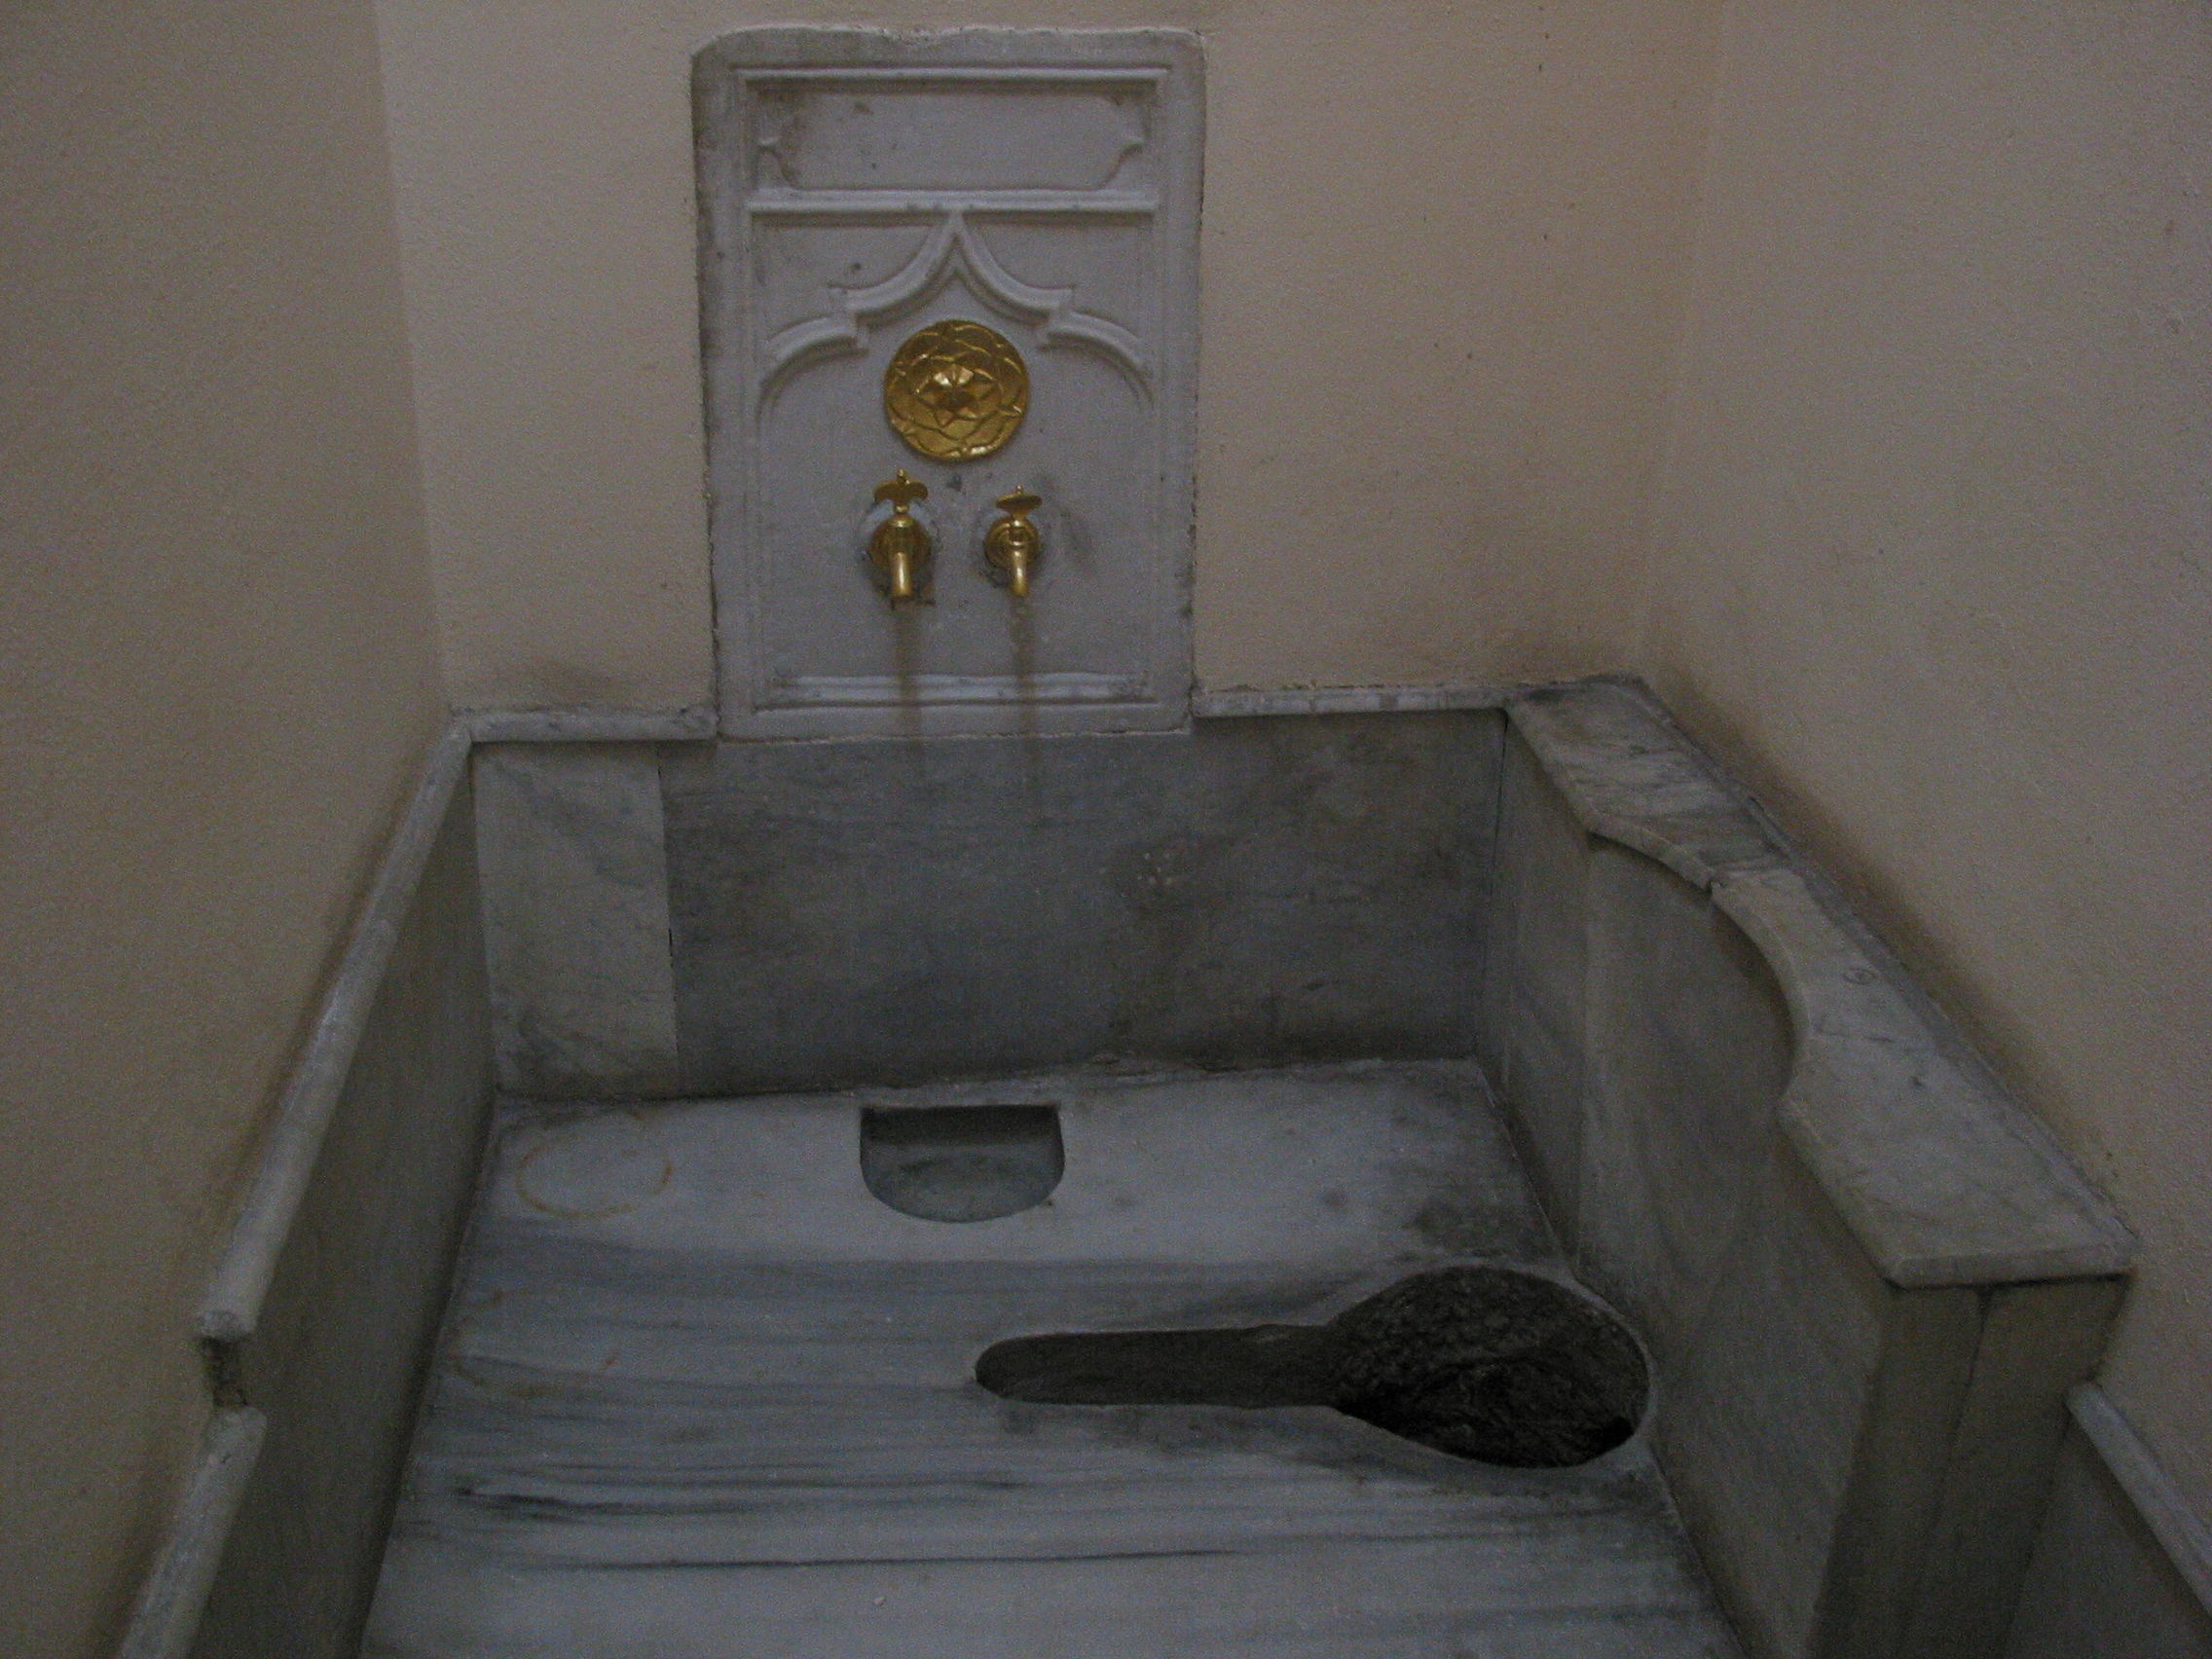 Toilettes La Turc Salle De Bain Harem Palais De Topkapi